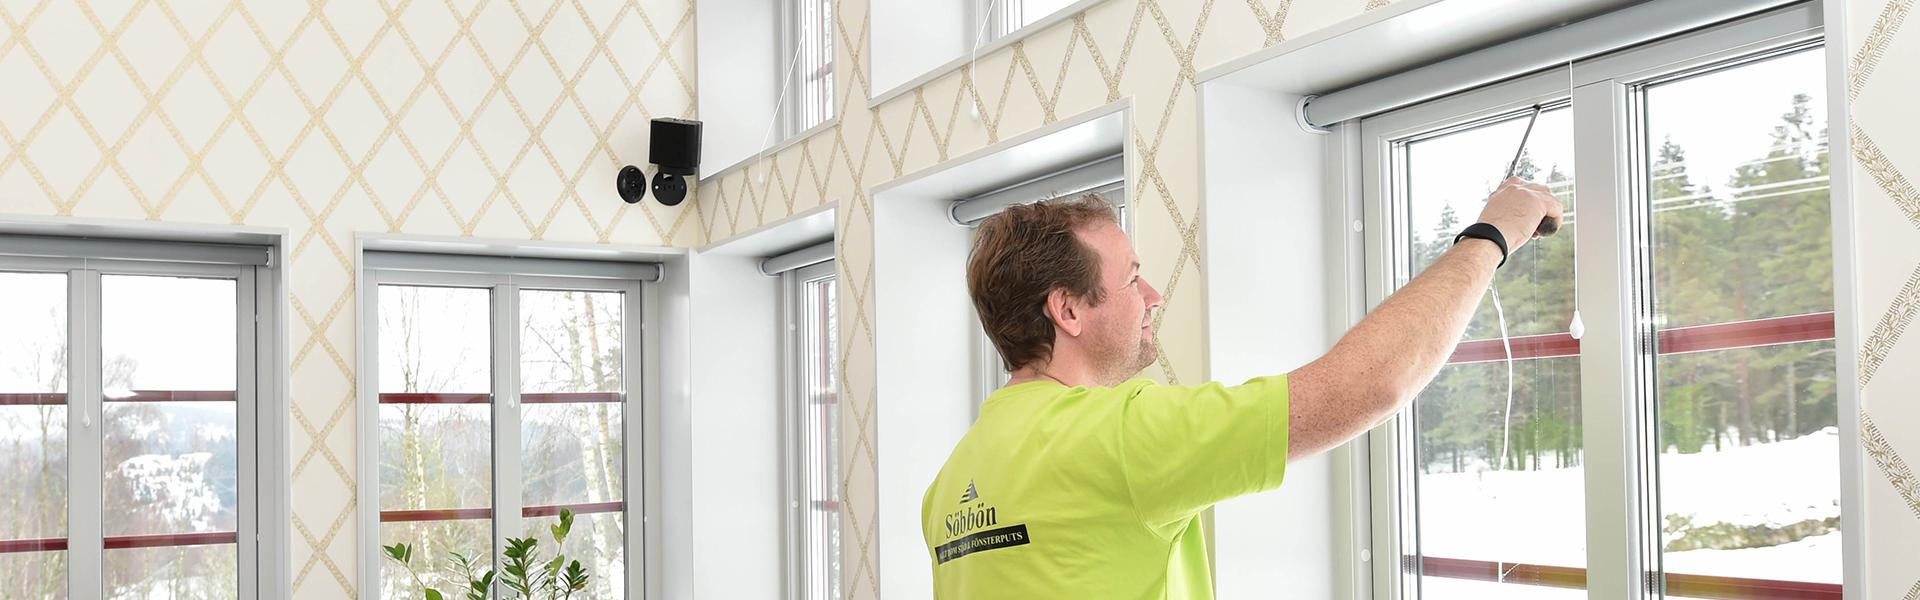 Fönsterputsare Söbbön Städ & Fönsterputs